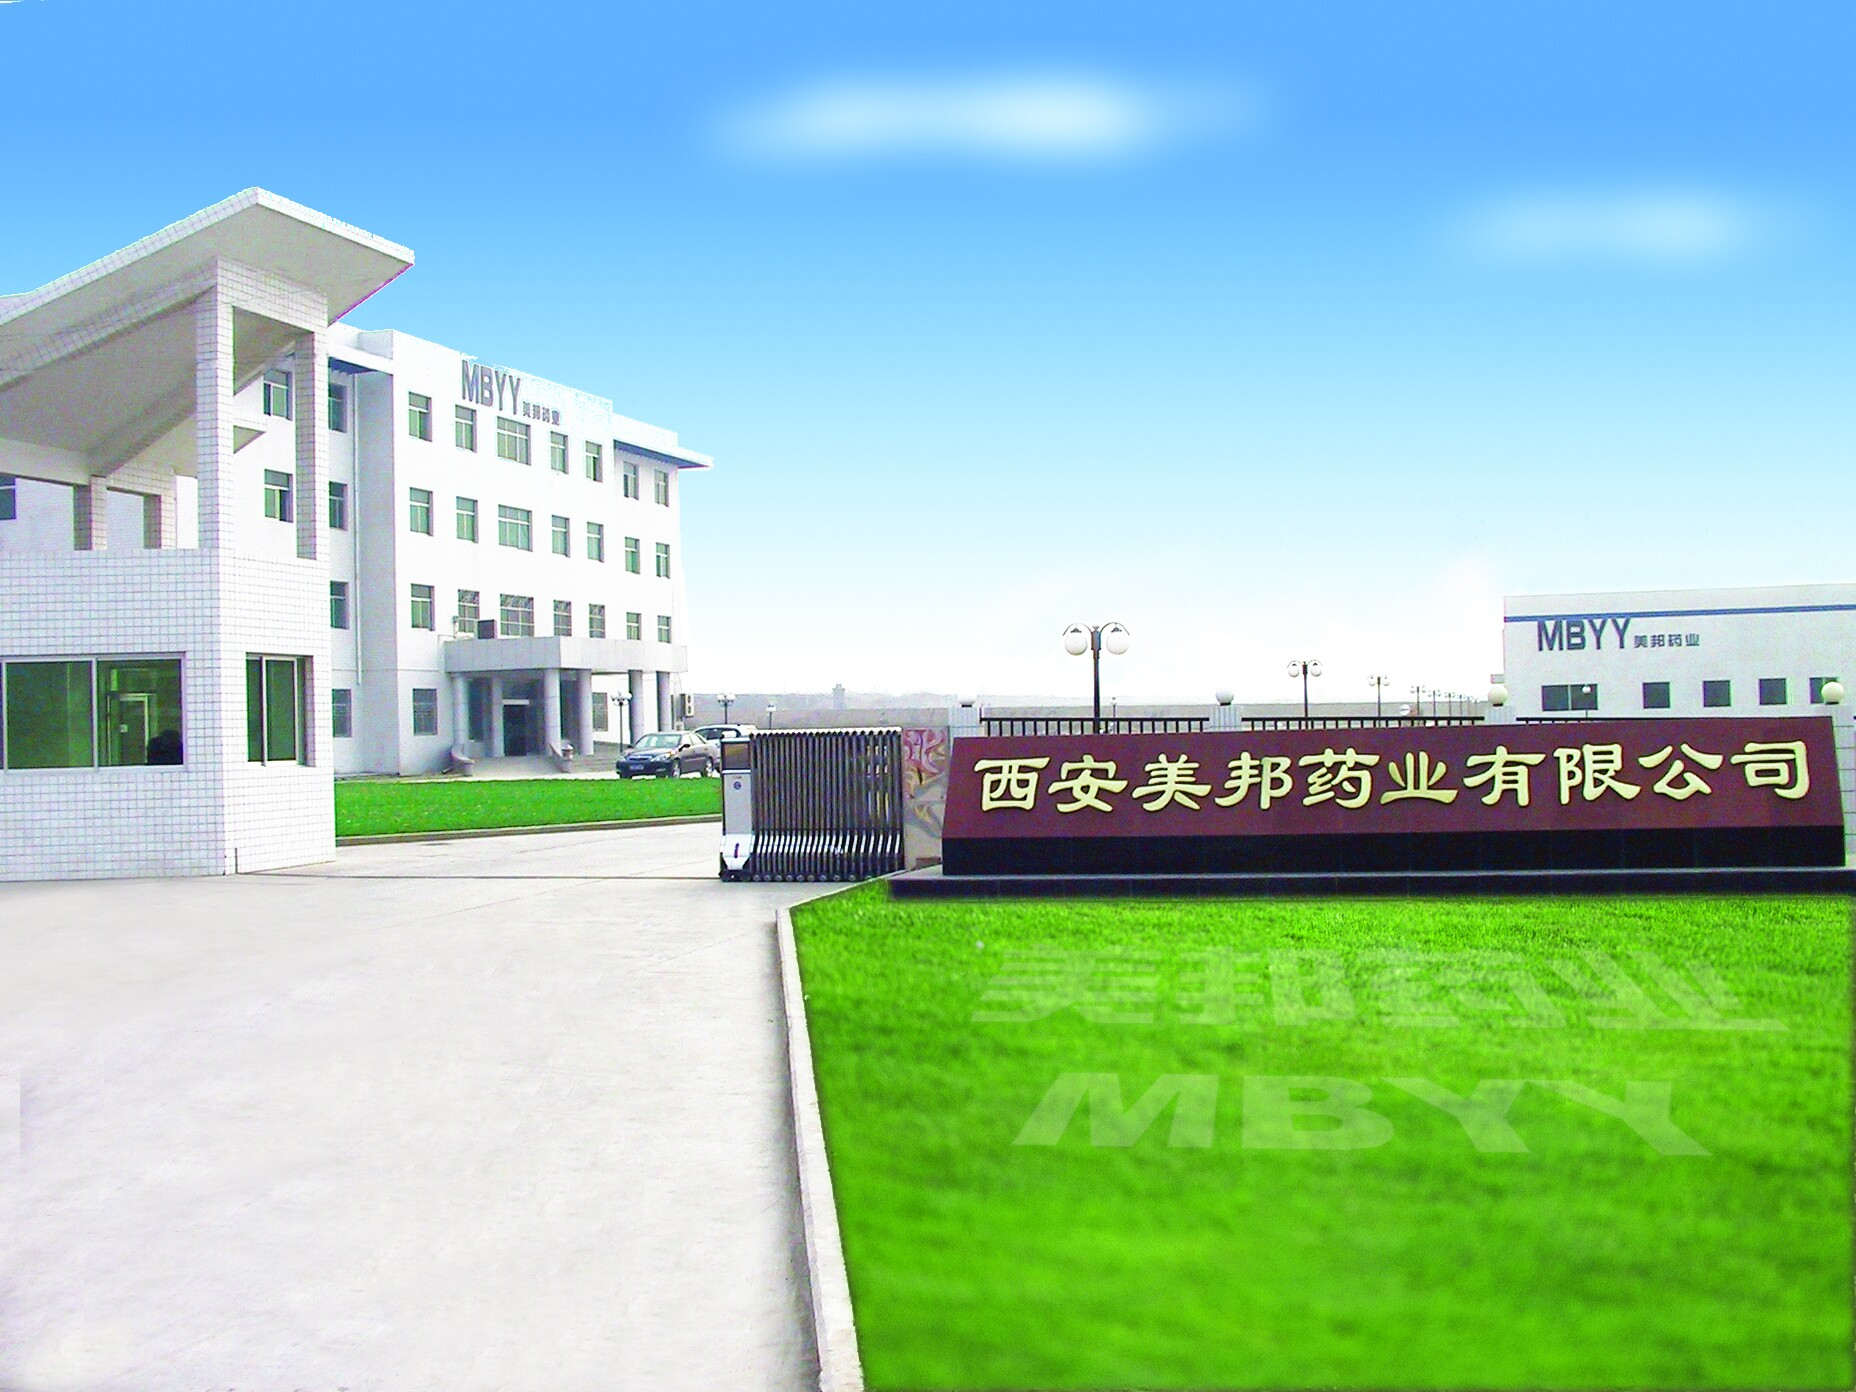 陕西/陕西美邦集团成立于1998年,注册资本3000万元,是一家集农药...